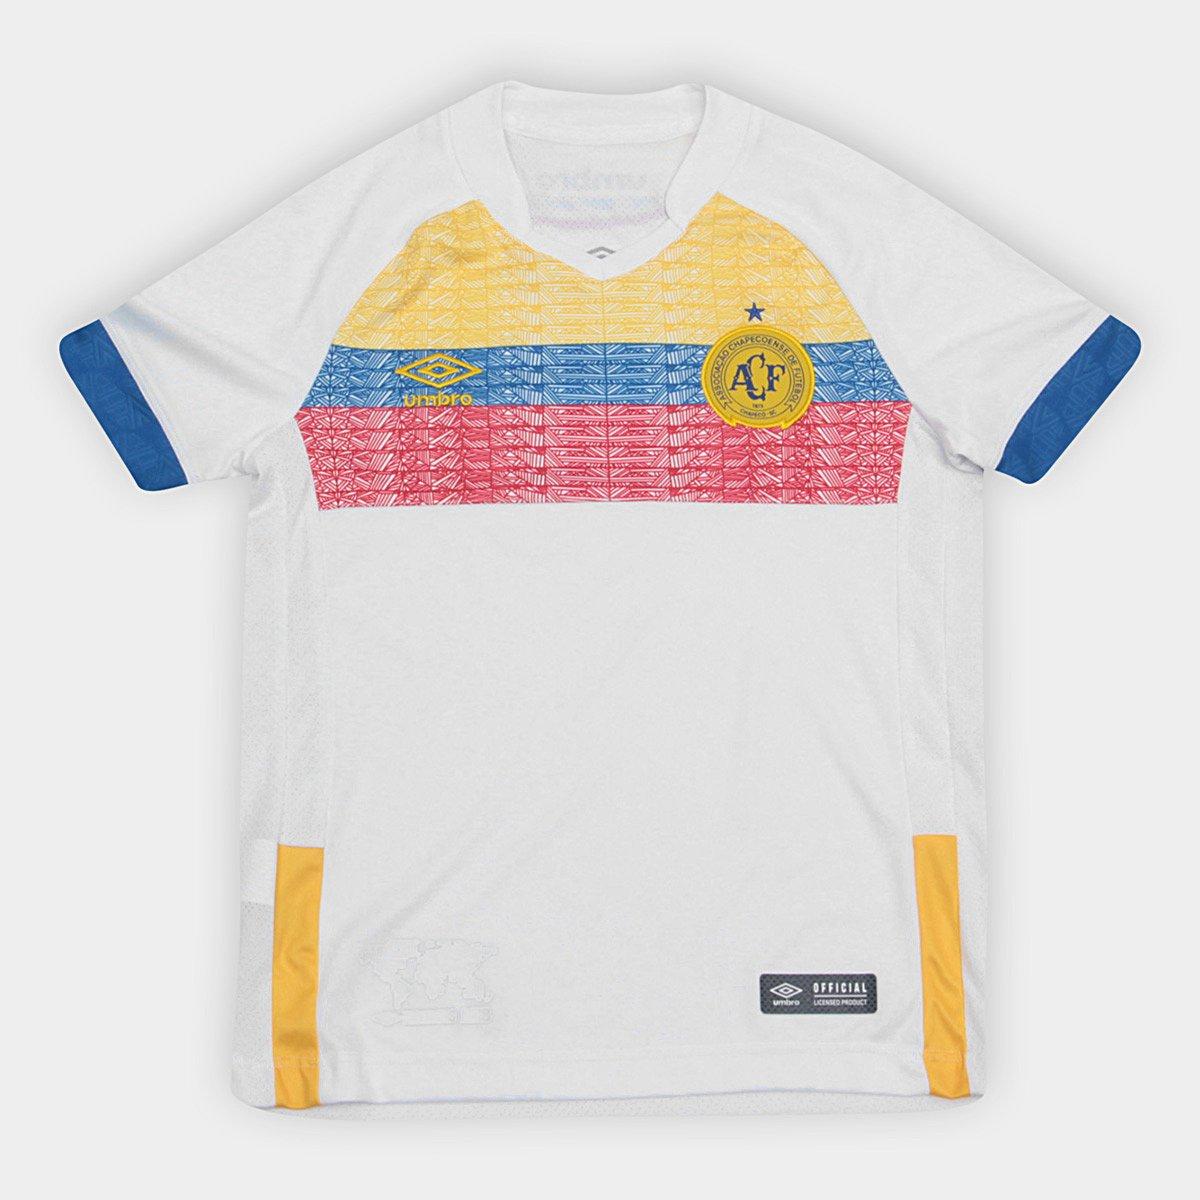 La Camisa n° Branco Infantil Pasion 2018 II e Torcedor Chapecoense Umbro Azul s OTYOxwZr